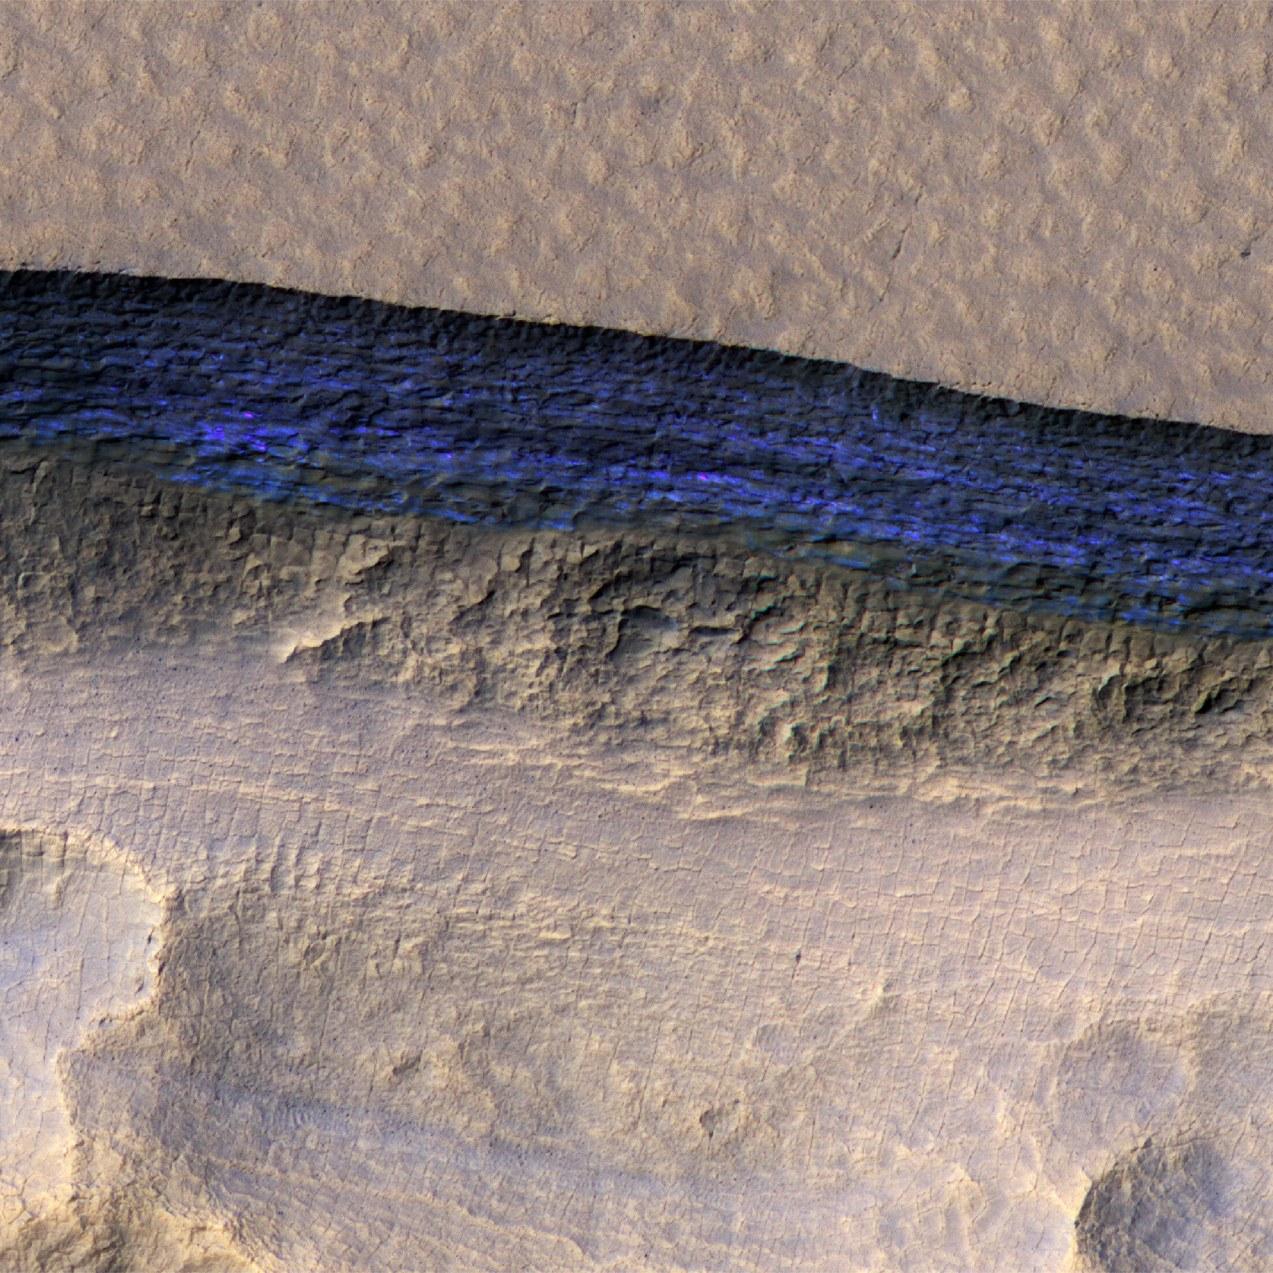 La sonde Mars Reconnaissance Orbiter a détecté des strates de glace (ici coloriées en bleu) à quelques mètres sous la surface martienne. — NASA/JPL/UNIVERSITY OF ARIZONA/USGS